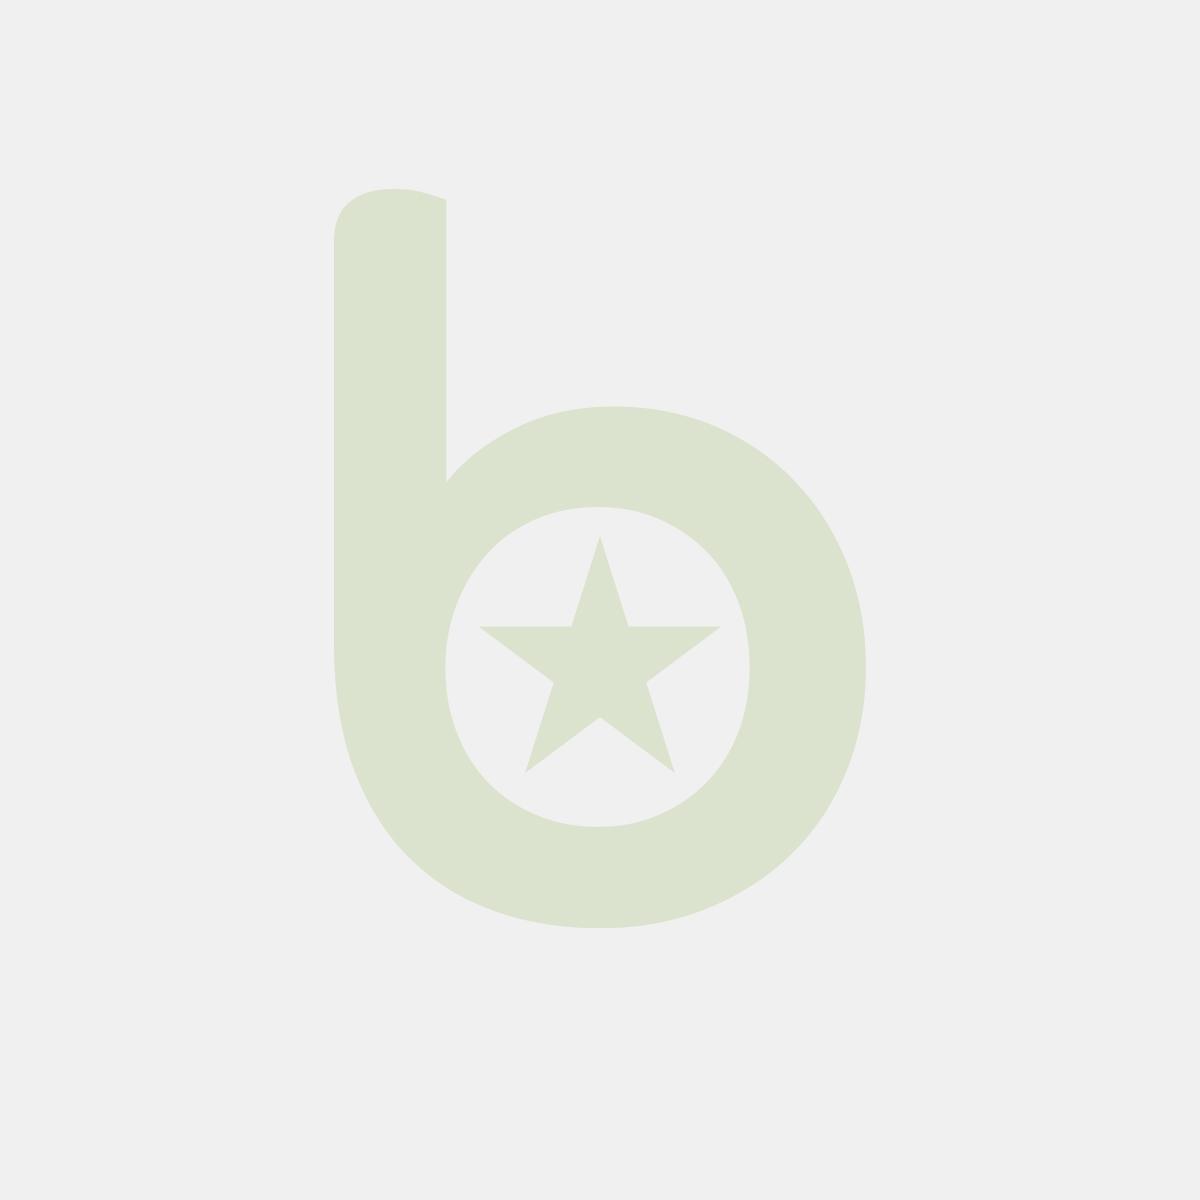 Łyżka Standard do przekąsek FINGERFOOD biała , PS, 30szt w opakowaniu